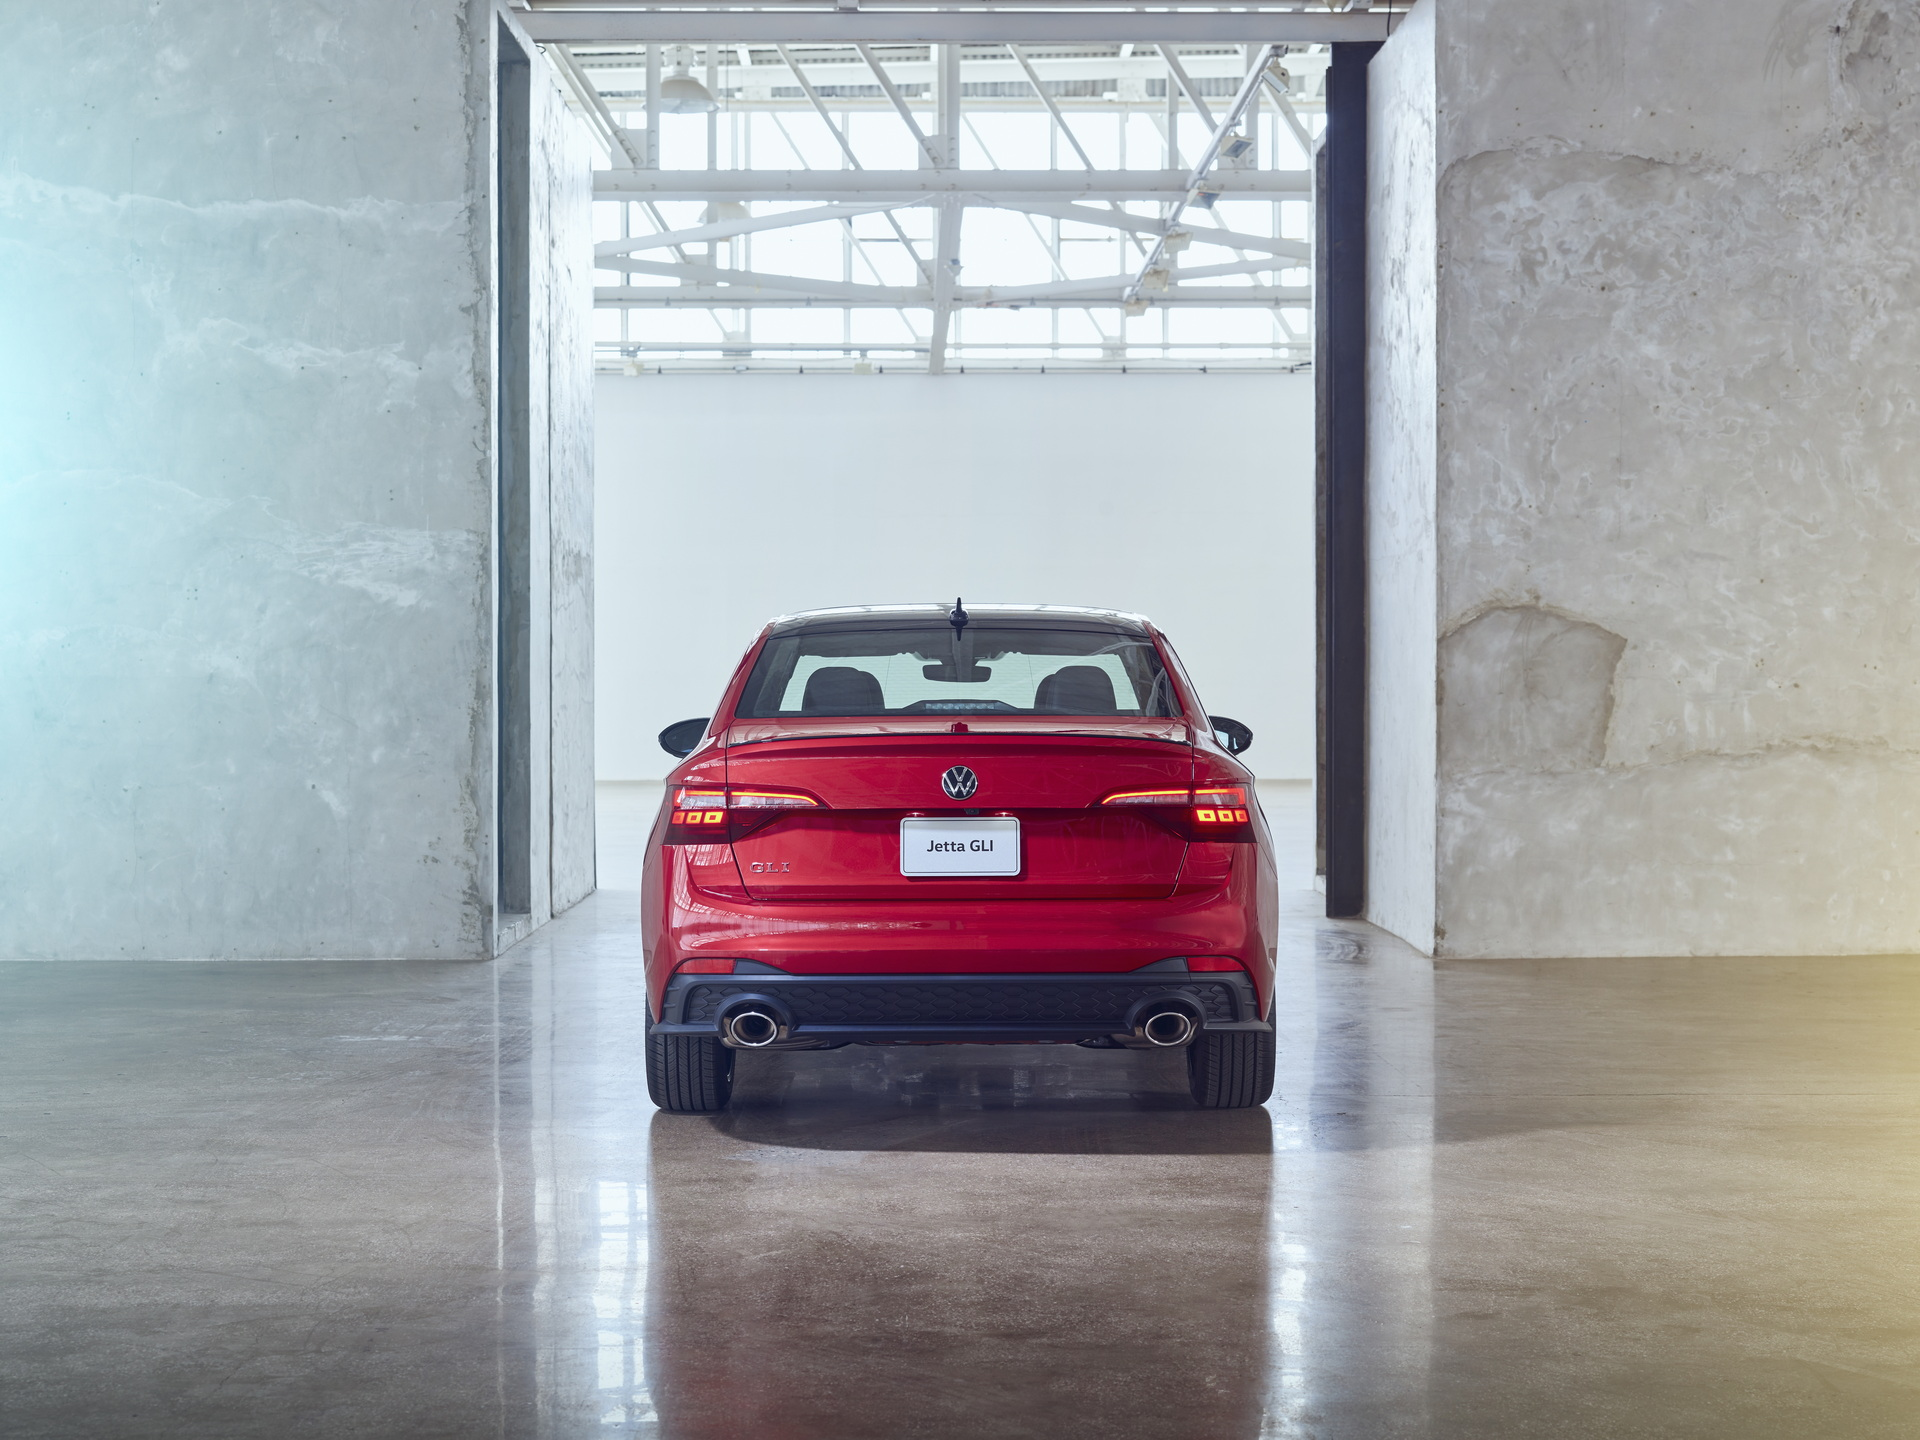 2022 Volkswagen Jetta GLI Rear Wallpapers (6)